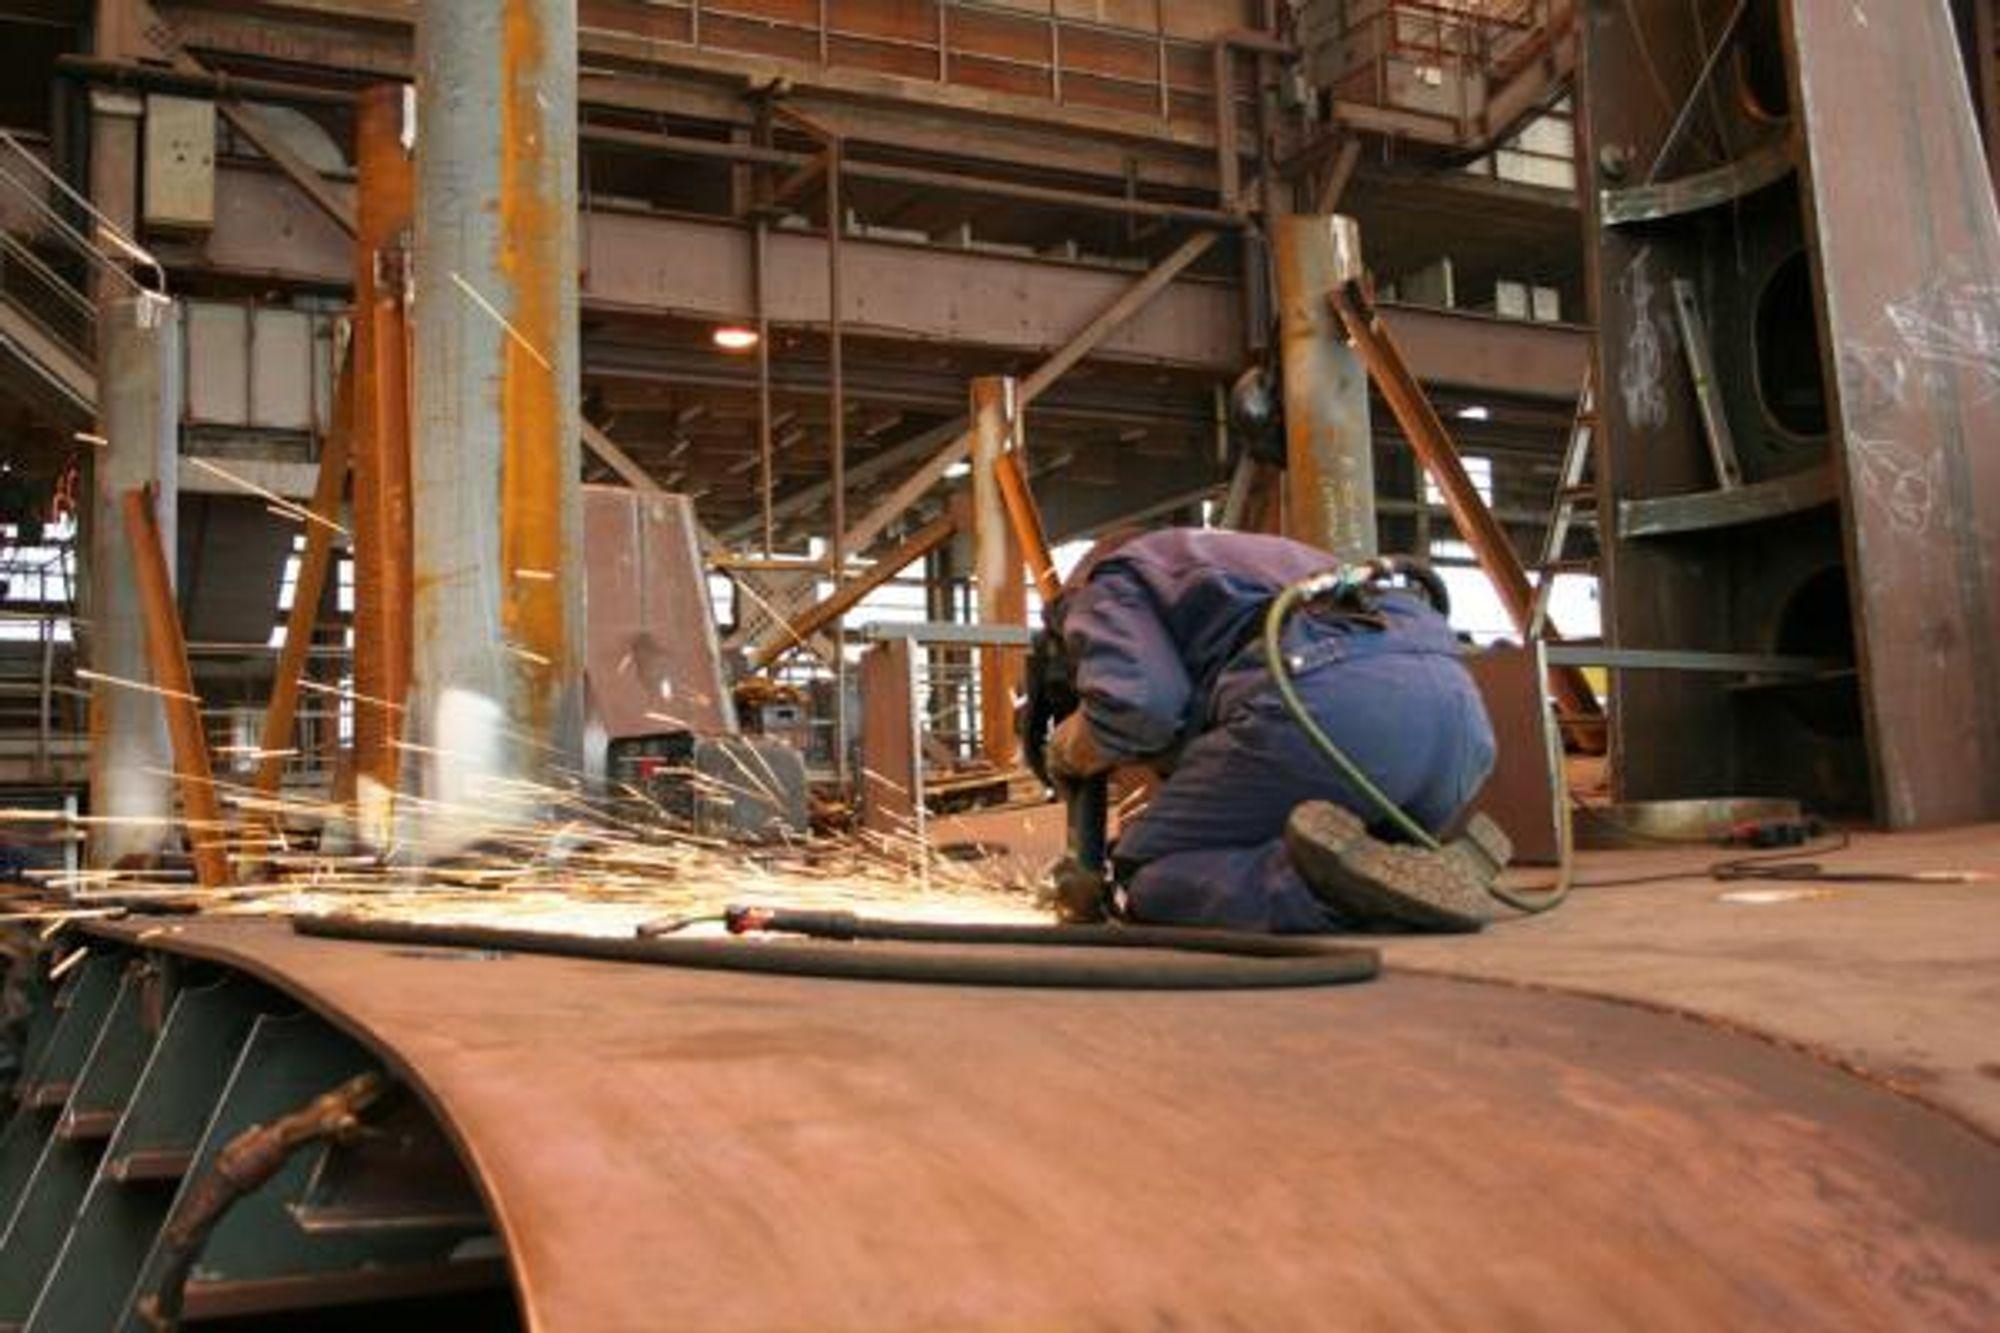 OPTIMISTISK: Industrien har økt produksjonen, og utnyttelsen av kapasitet har blitt bedre.